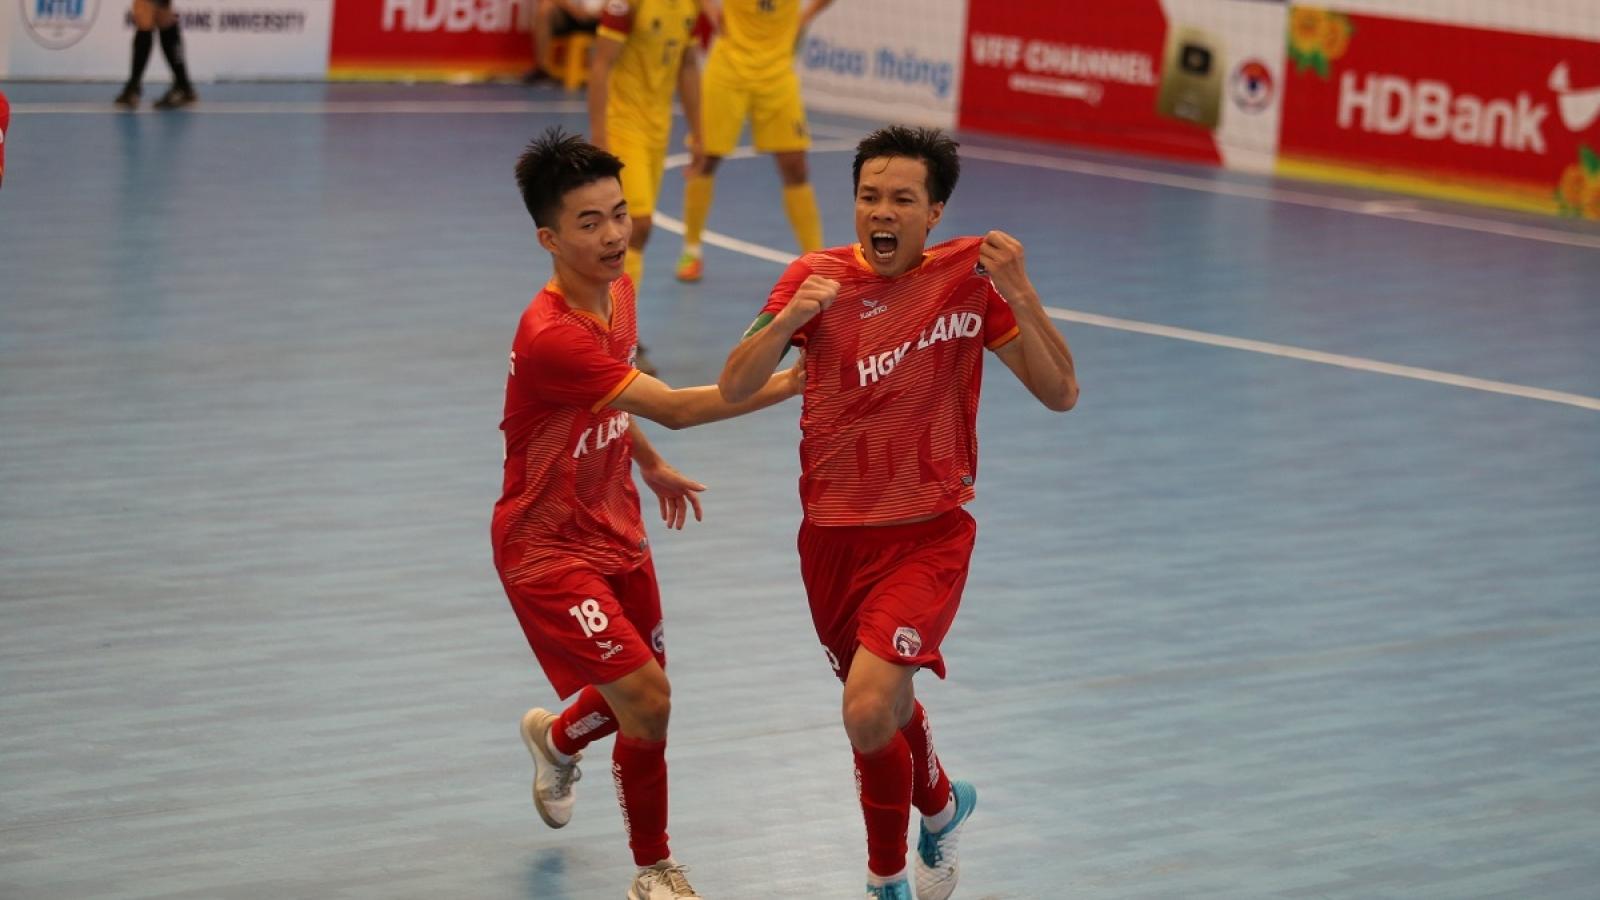 Xem trực tiếp Futsal HDBank VĐQG 2020: Hưng Gia Khang - Tân Hiệp Hưng